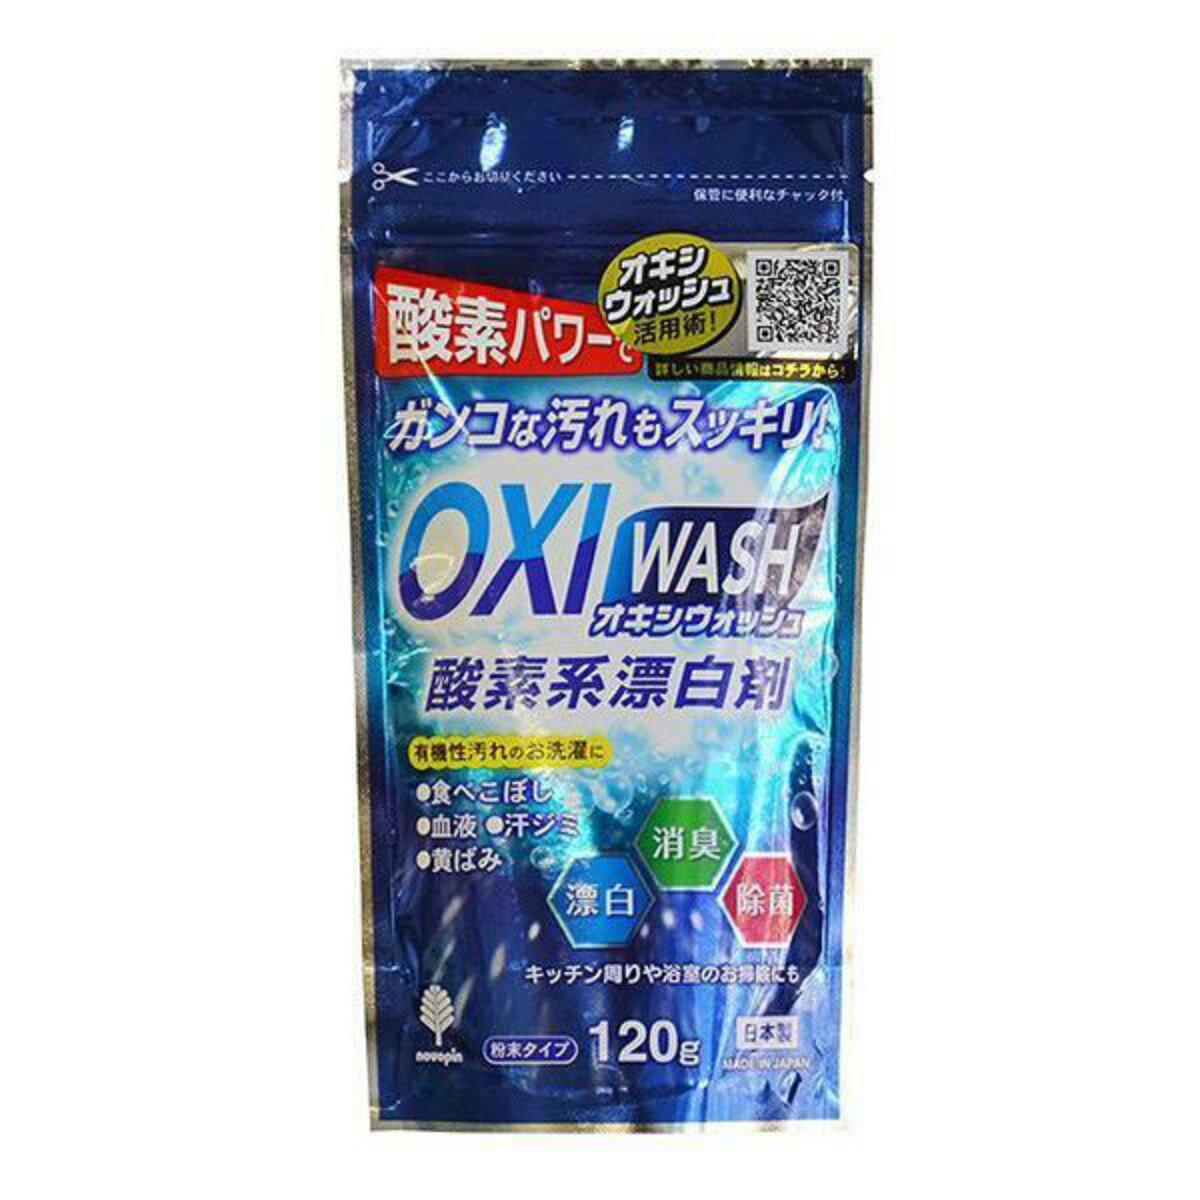 オキシウォッシュ 酸素系漂白剤 120g ( 酸素系 漂白剤 オキシ漬け オキシづけ カビ 漂白 除菌 消臭 掃除 掃除用品 清掃用品 お試し用 )